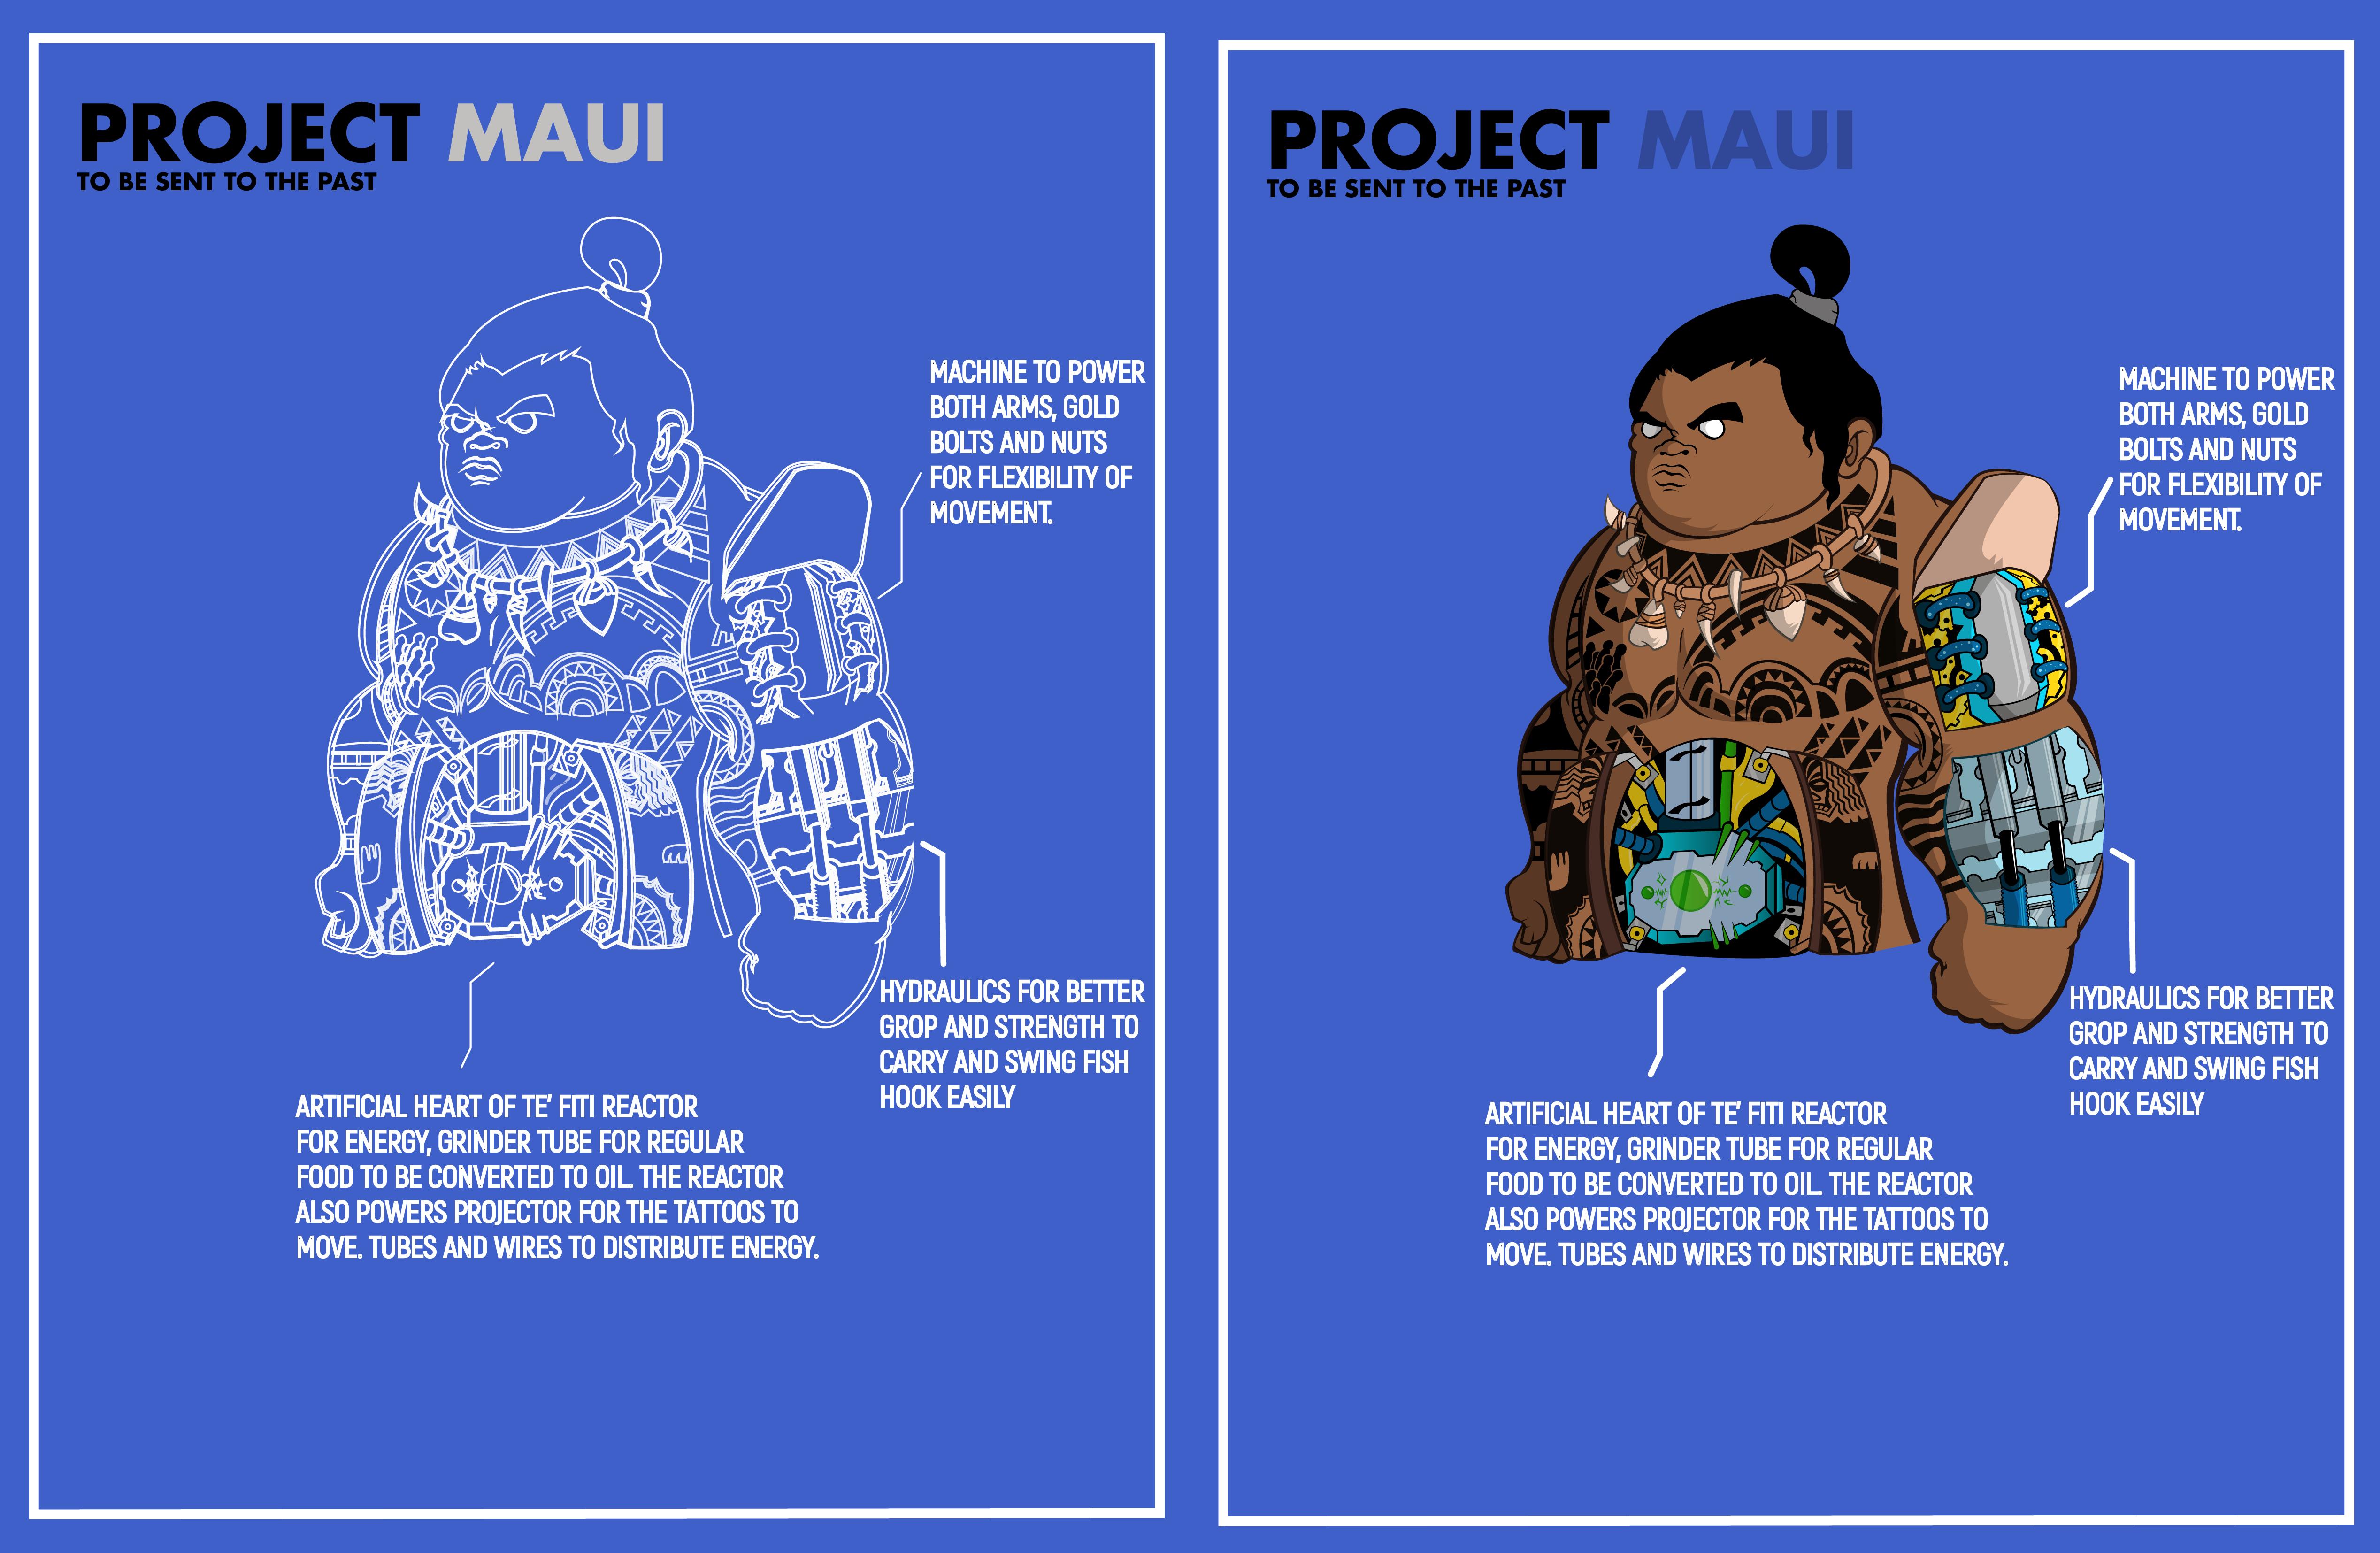 Project Maui